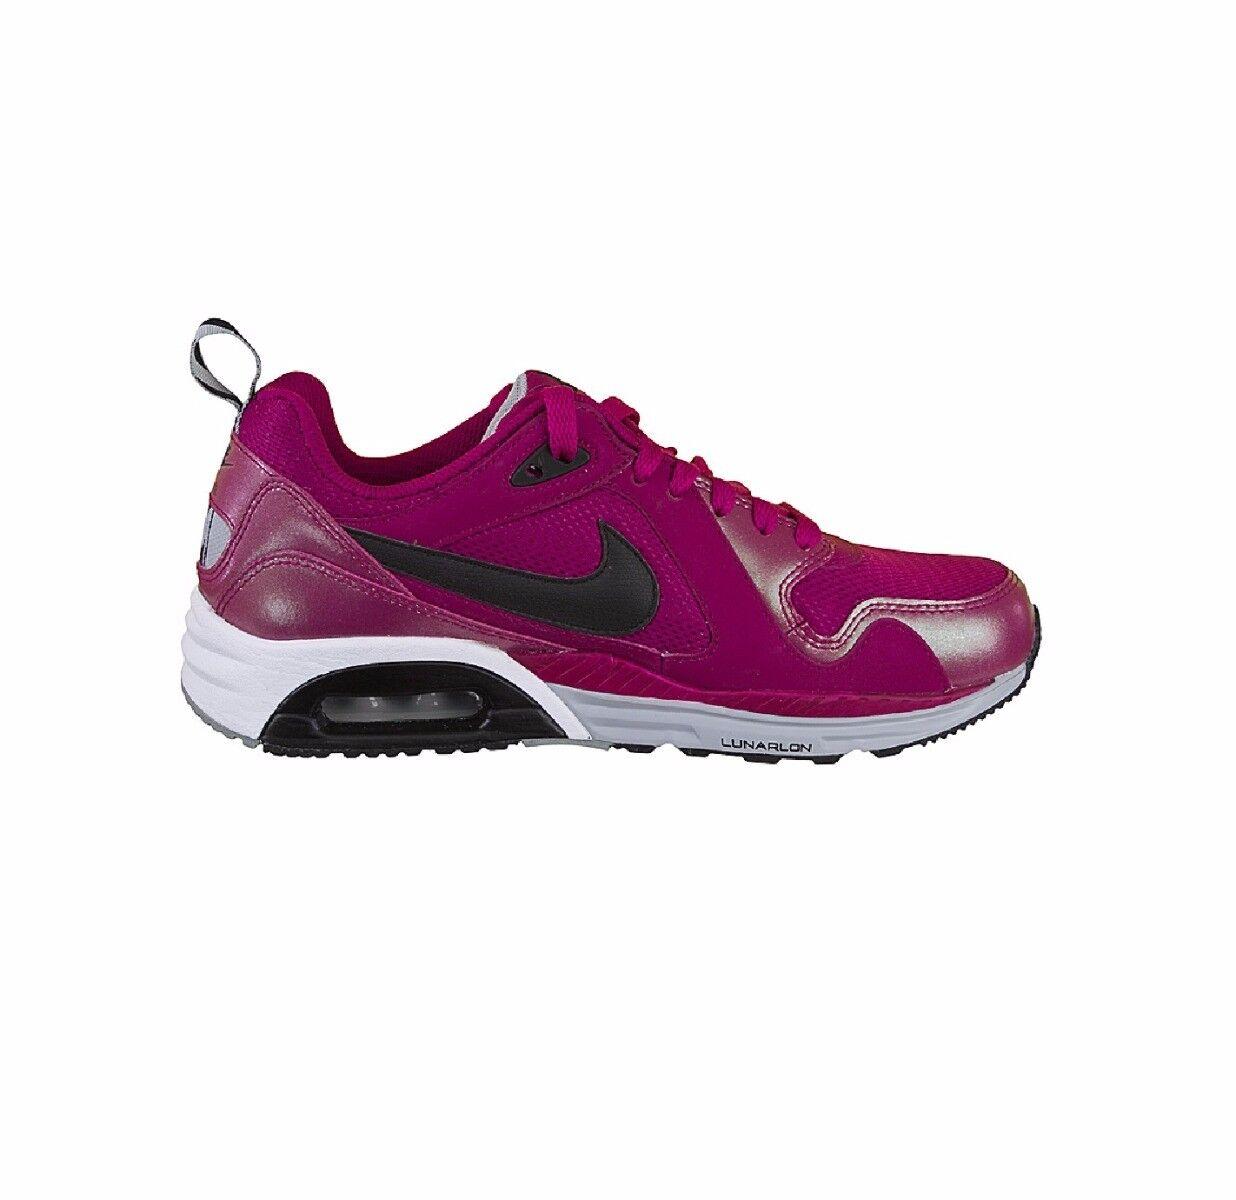 Nike para women AIR MAX TRAX Zapato UK 5.5 5.5 5.5 Atletismo MAGENTA Zapatilla de 344398